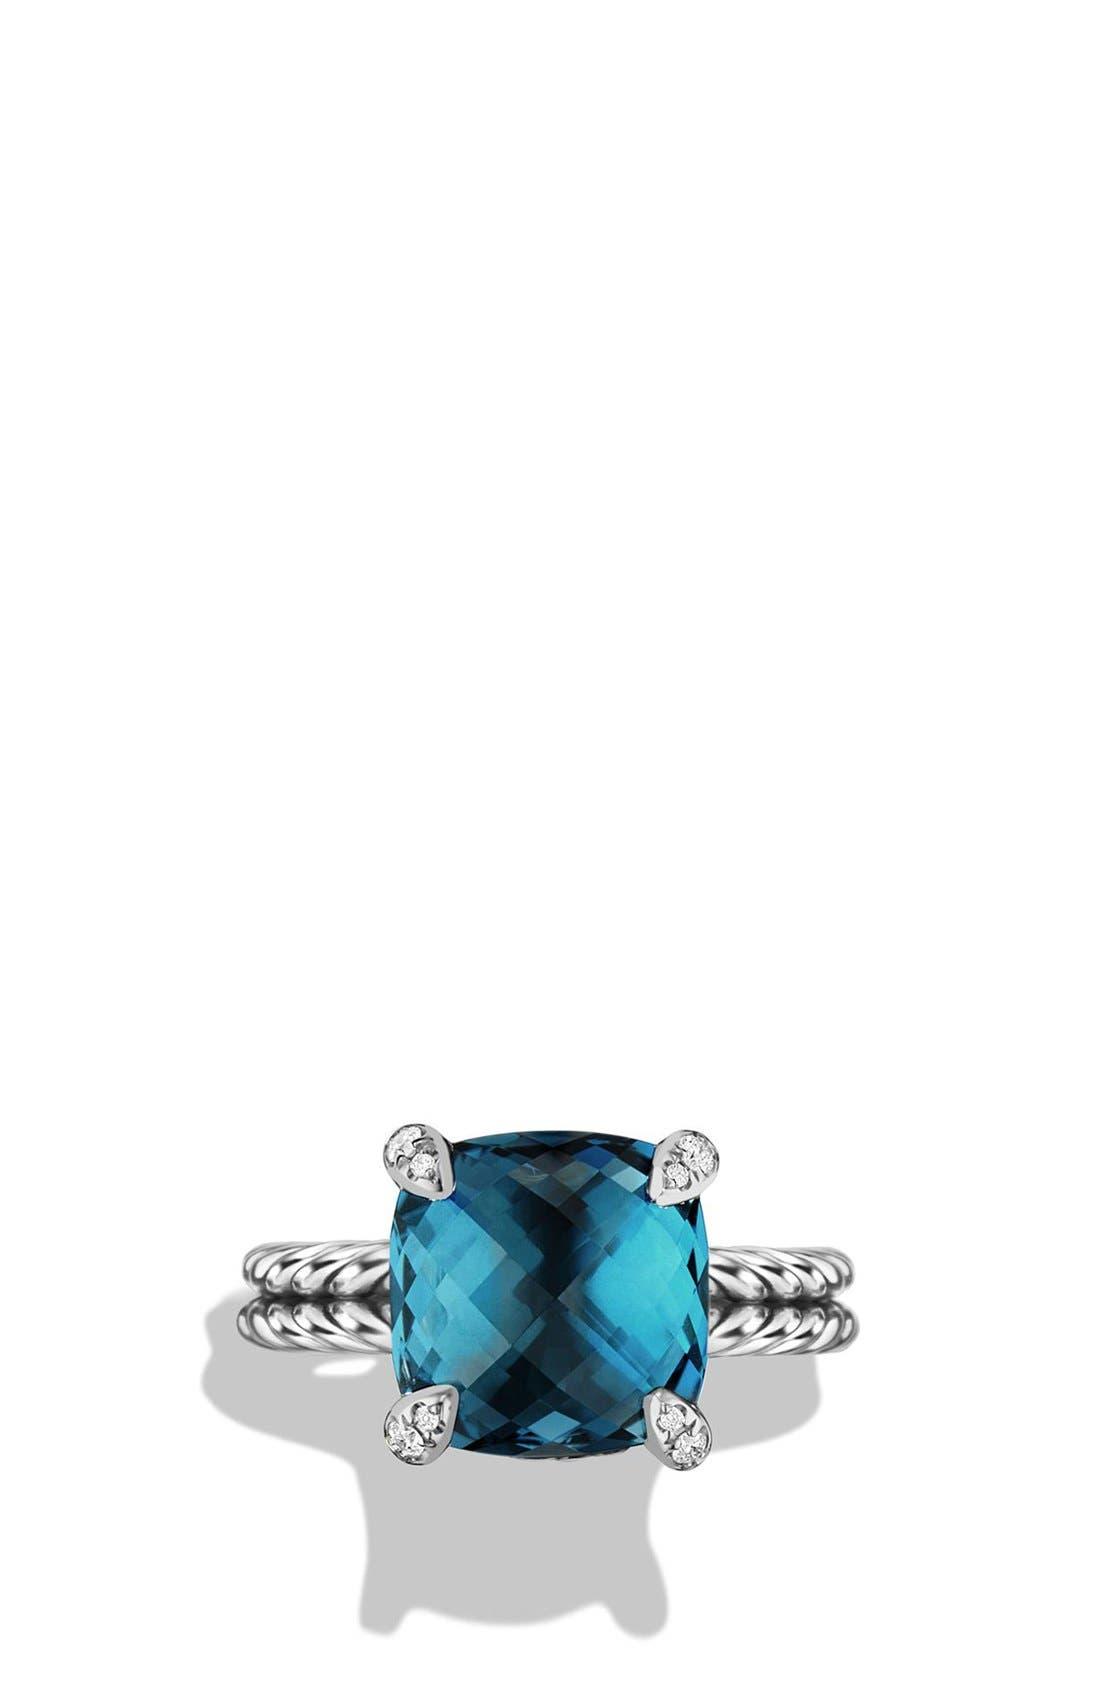 Alternate Image 3  - David Yurman 'Châtelaine' Ring with Semiprecious Stone and Diamonds